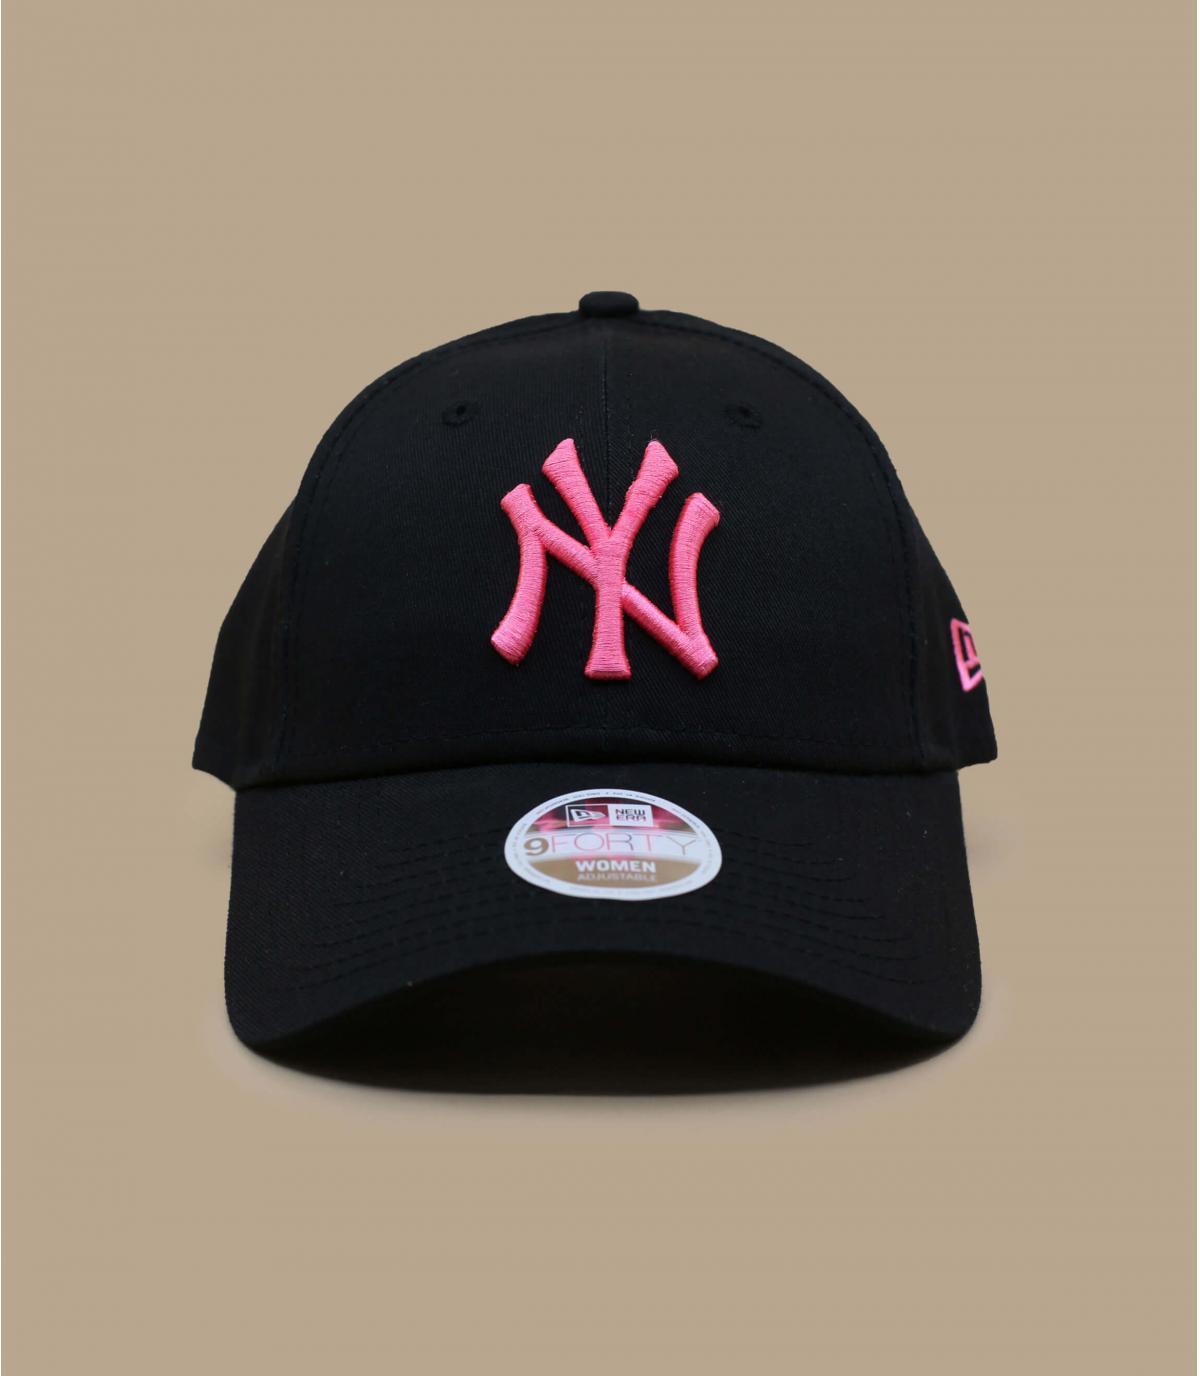 Détails Casquette Wmn League Ess NY 940 black pink - image 2